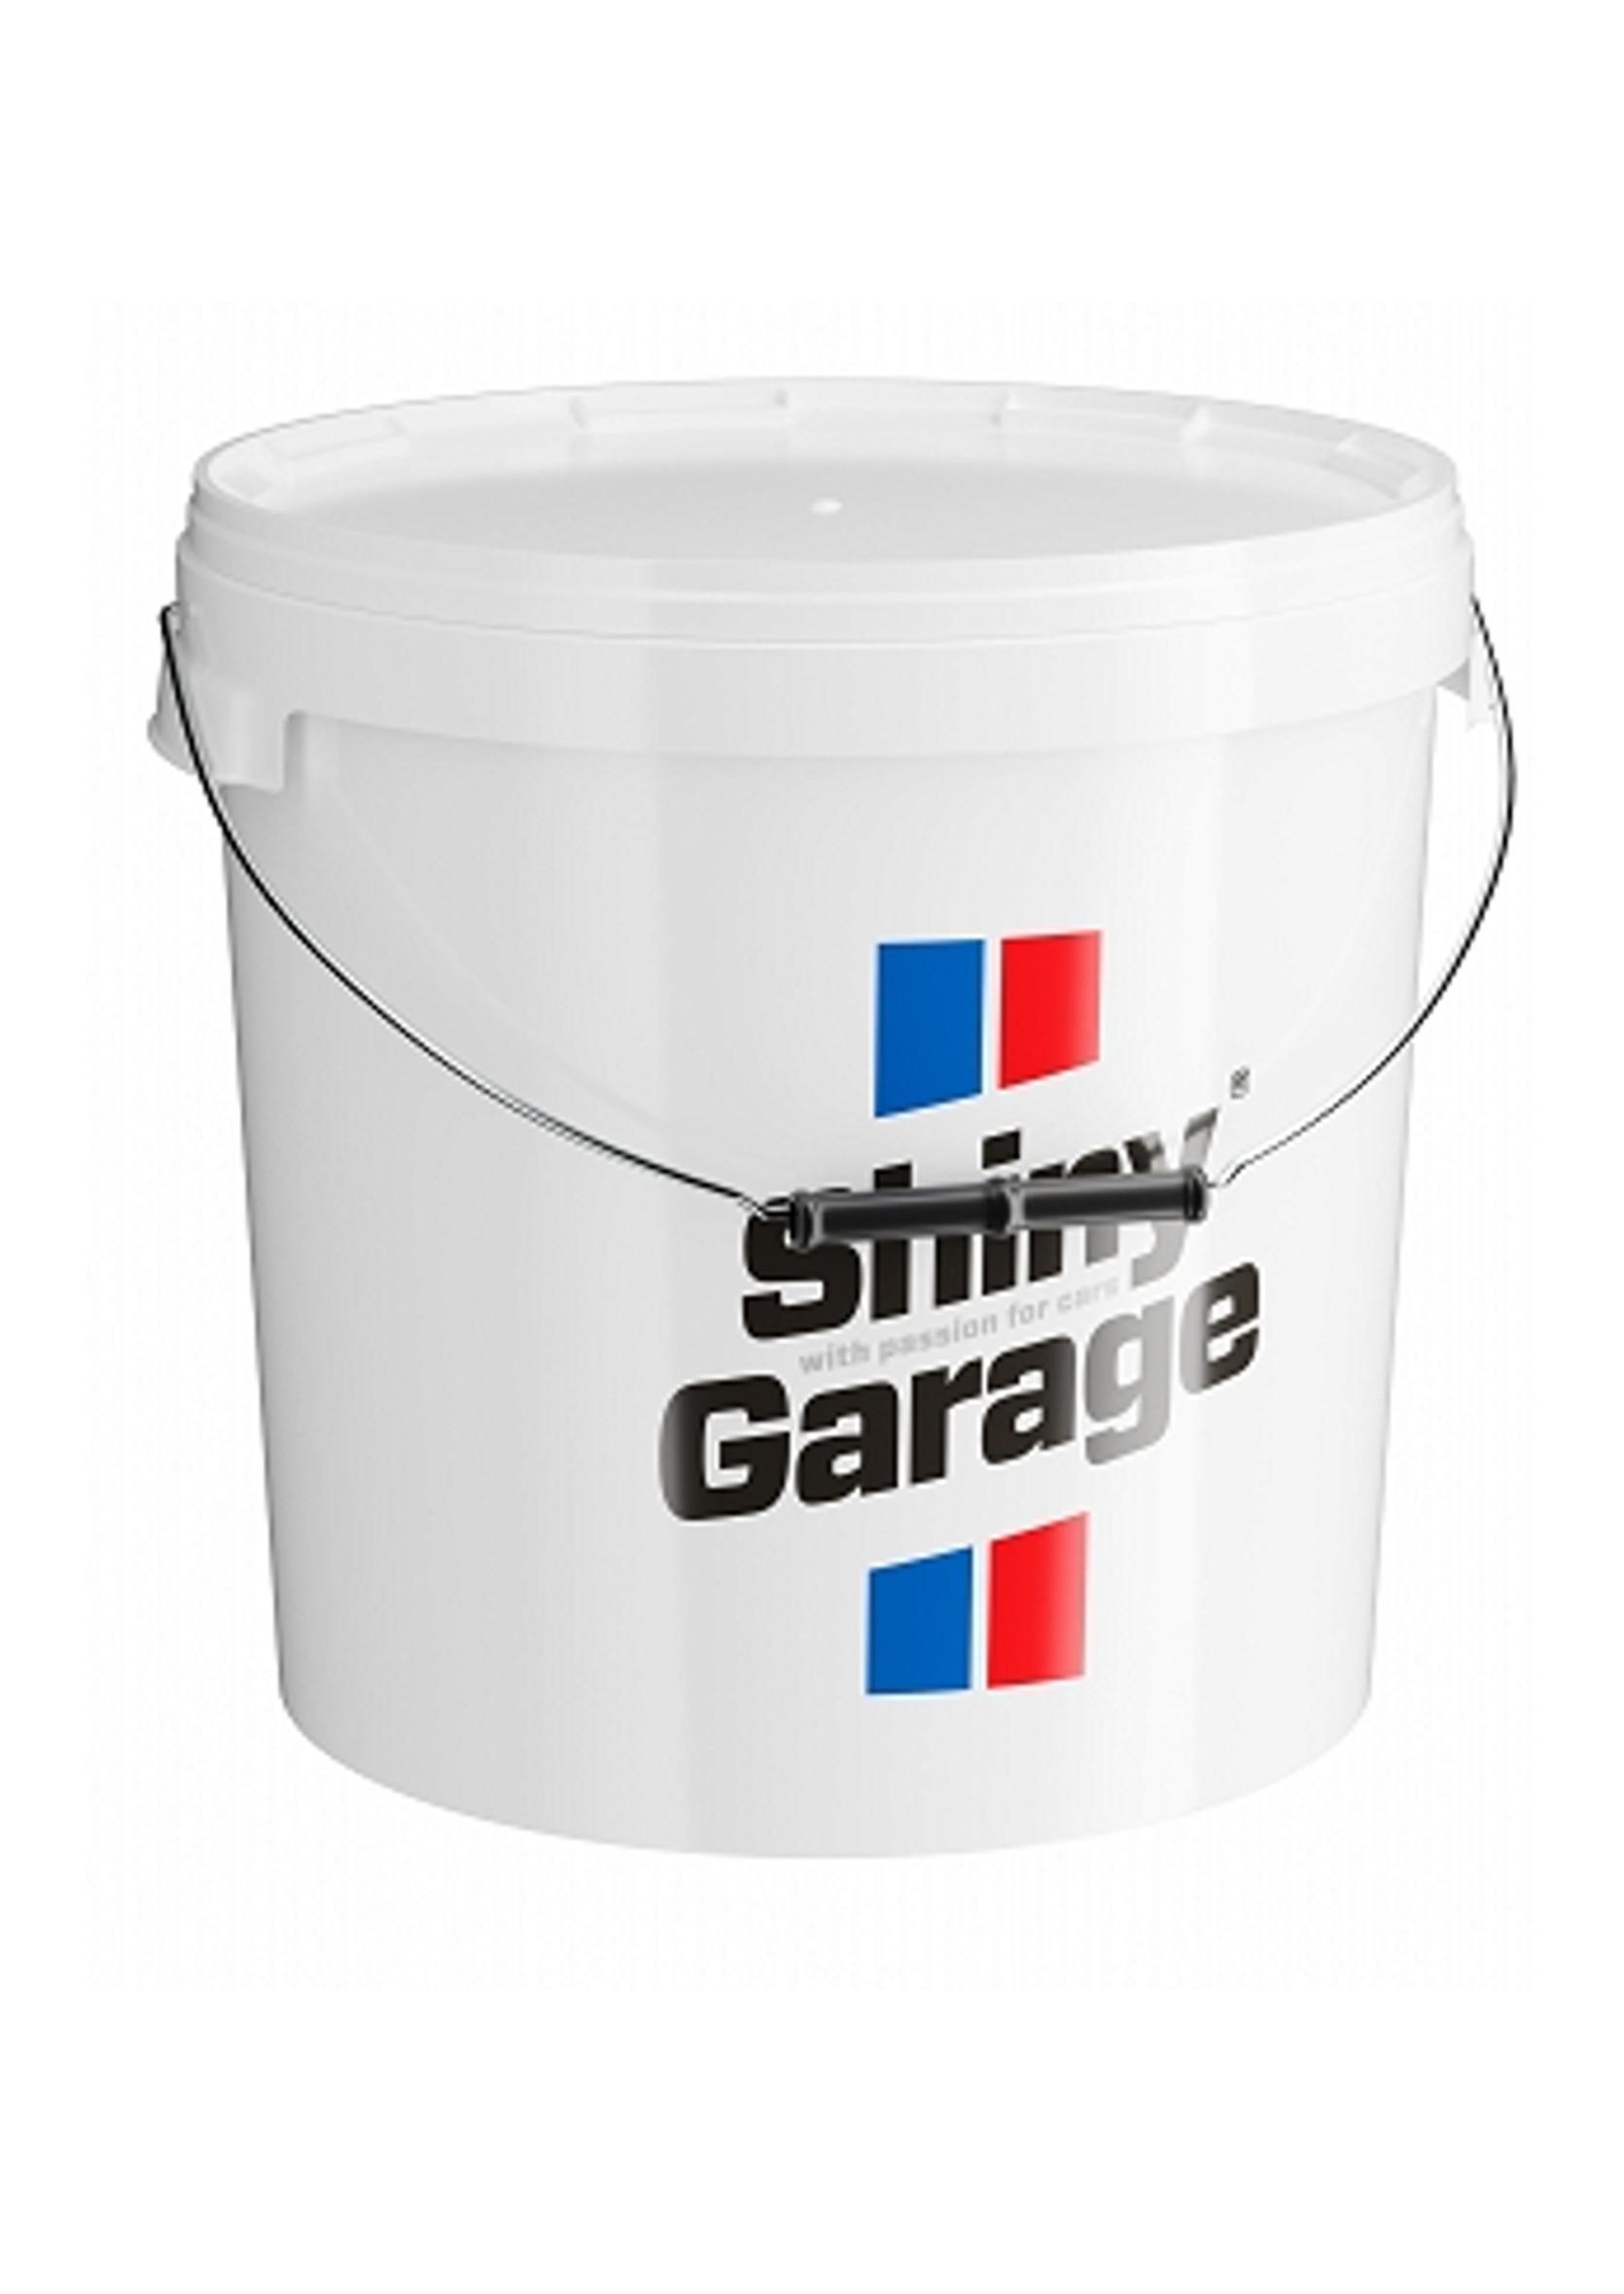 Shiny Garage Wiadro z Pokrywką Białe 20L do Mycia Auta